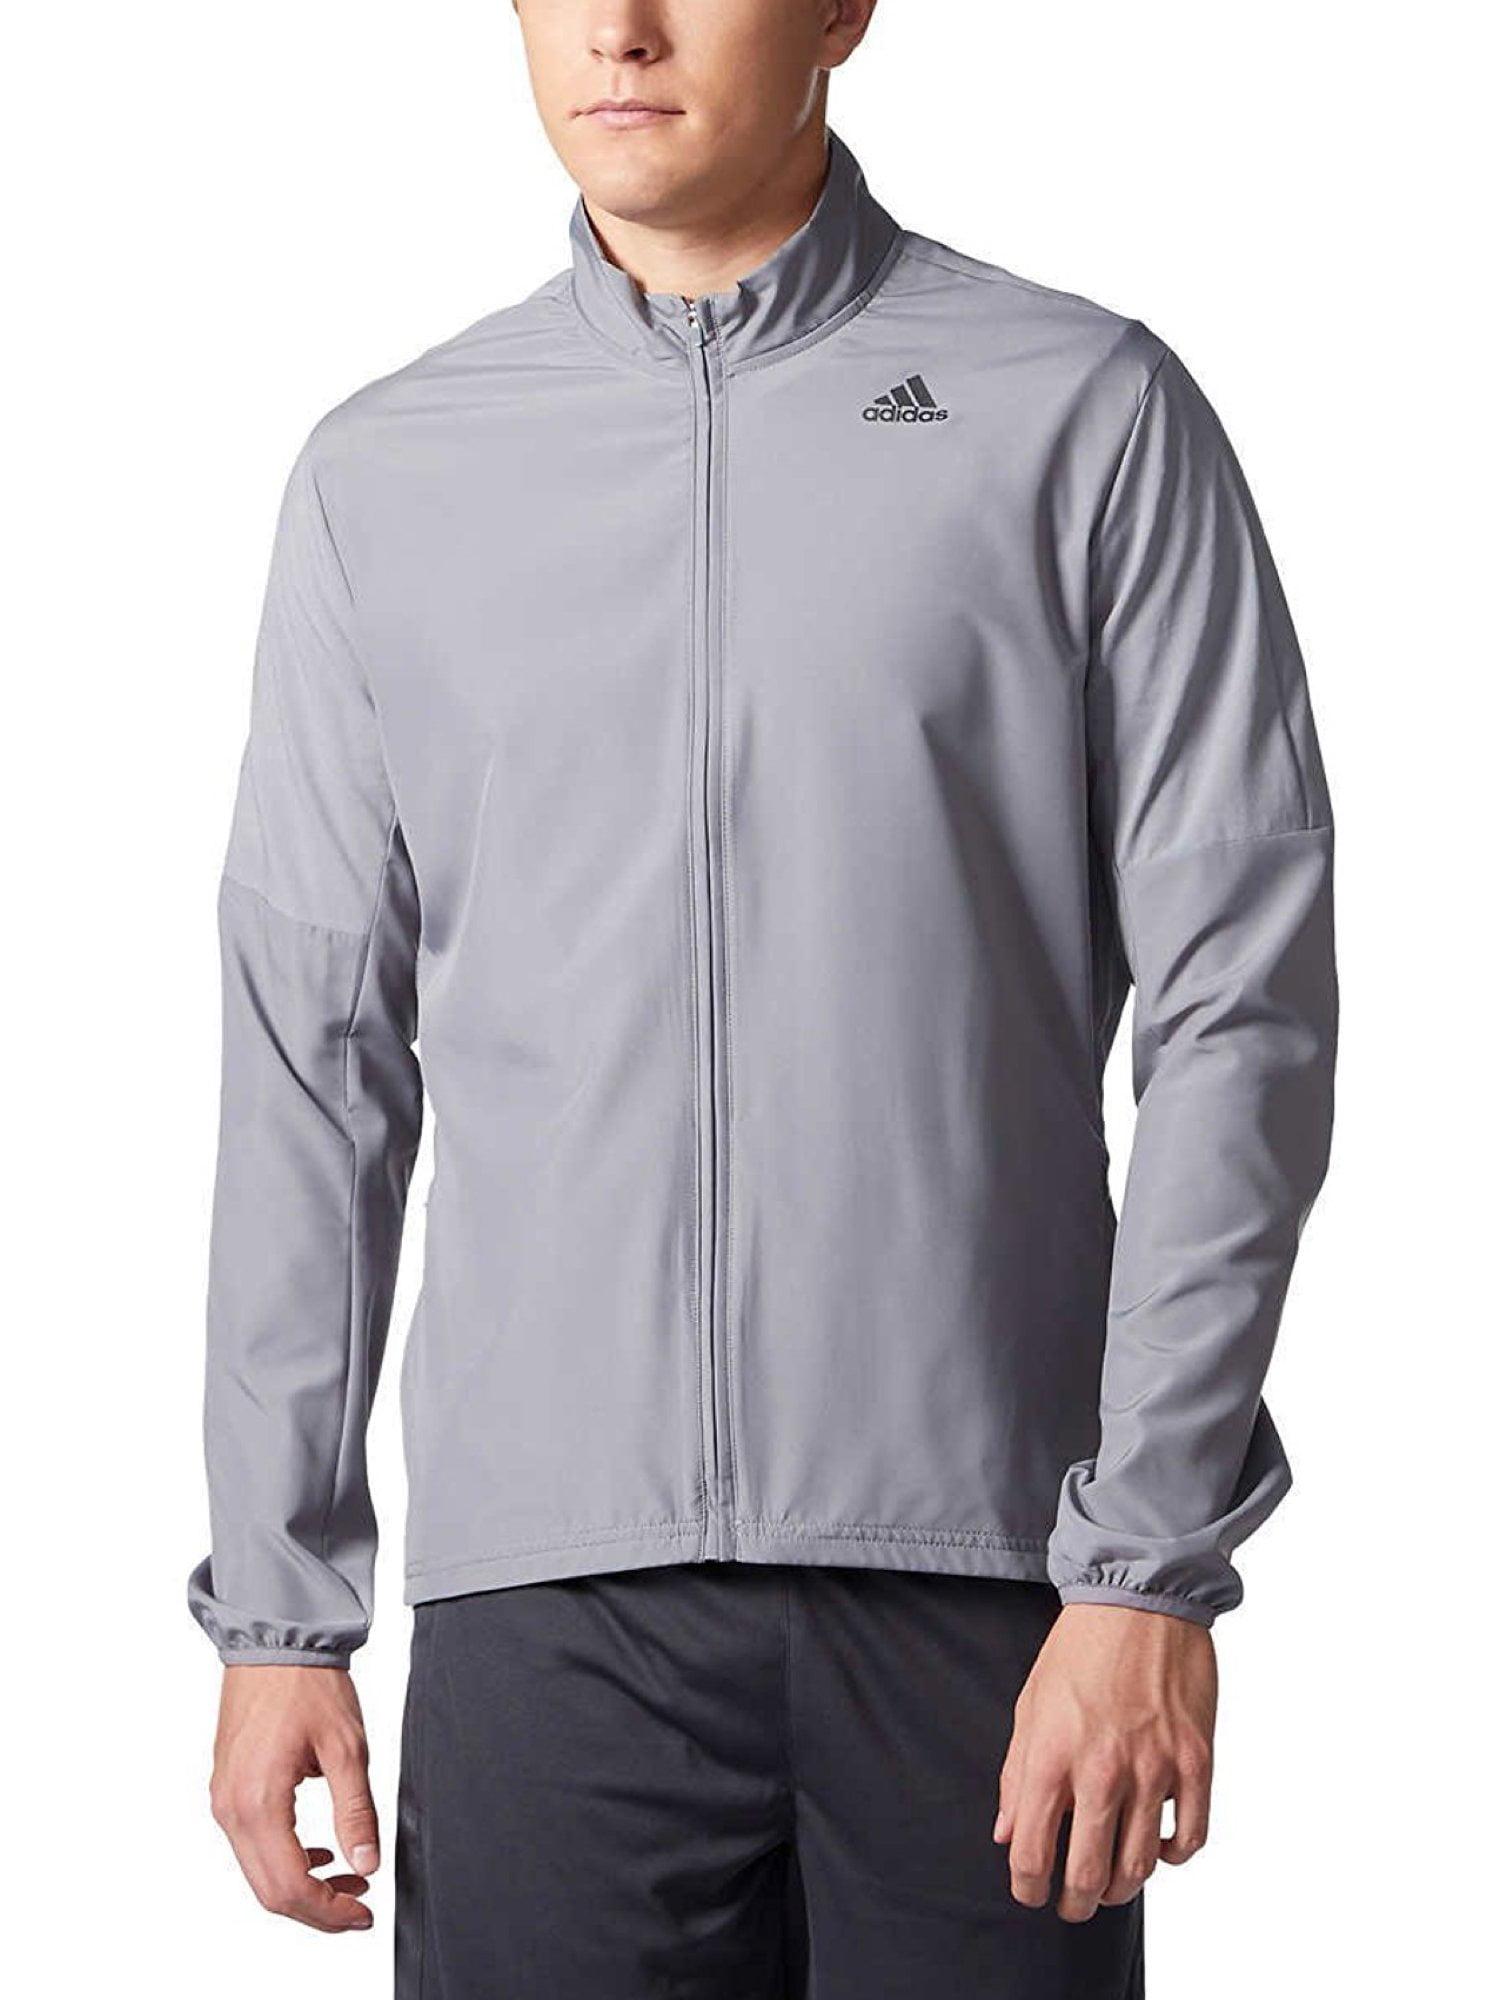 adidas Men's Nova Running Jacket